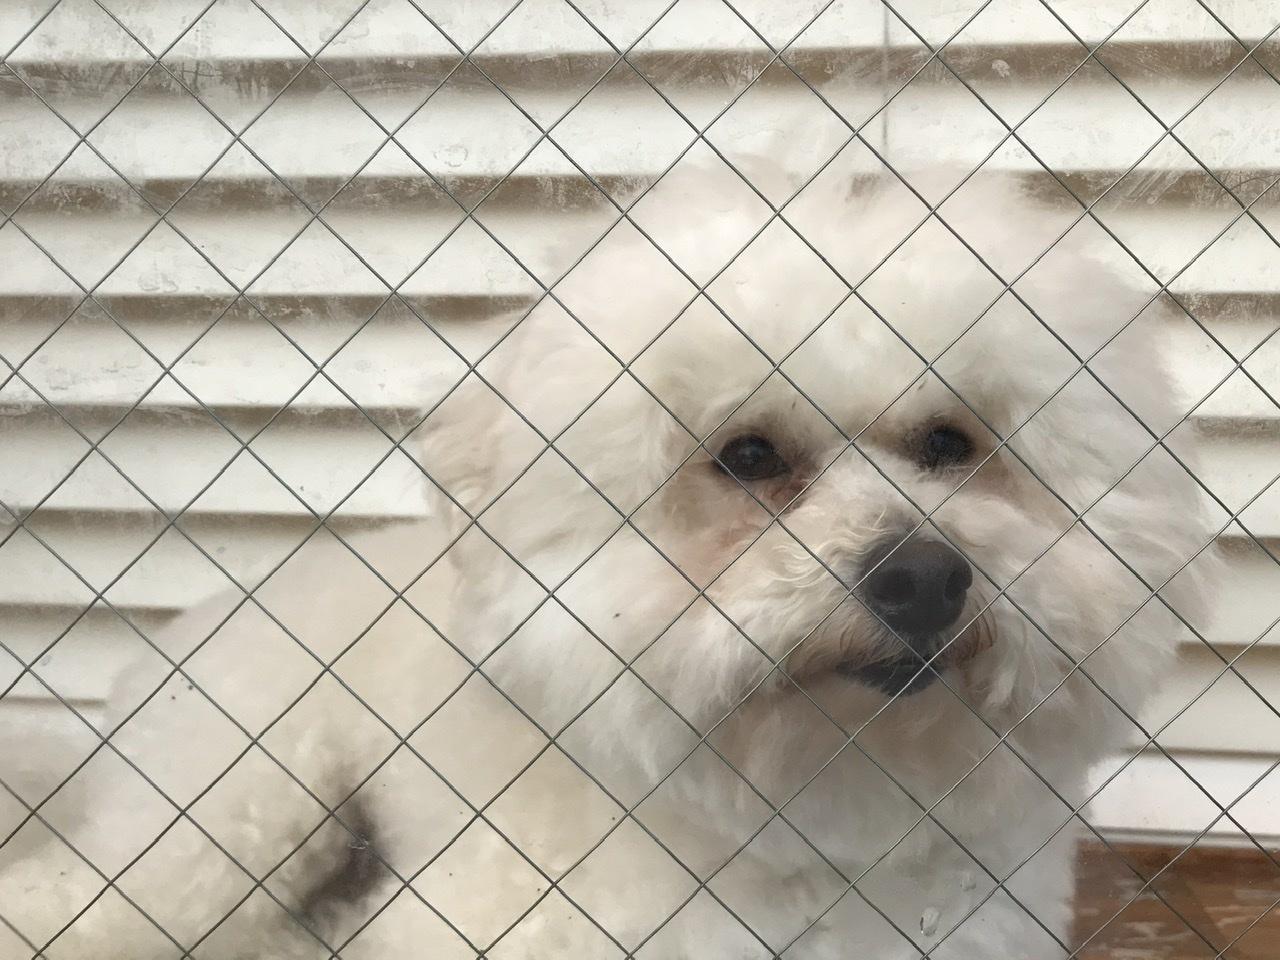 7月5日 番犬Ginger_a0317236_07294209.jpeg